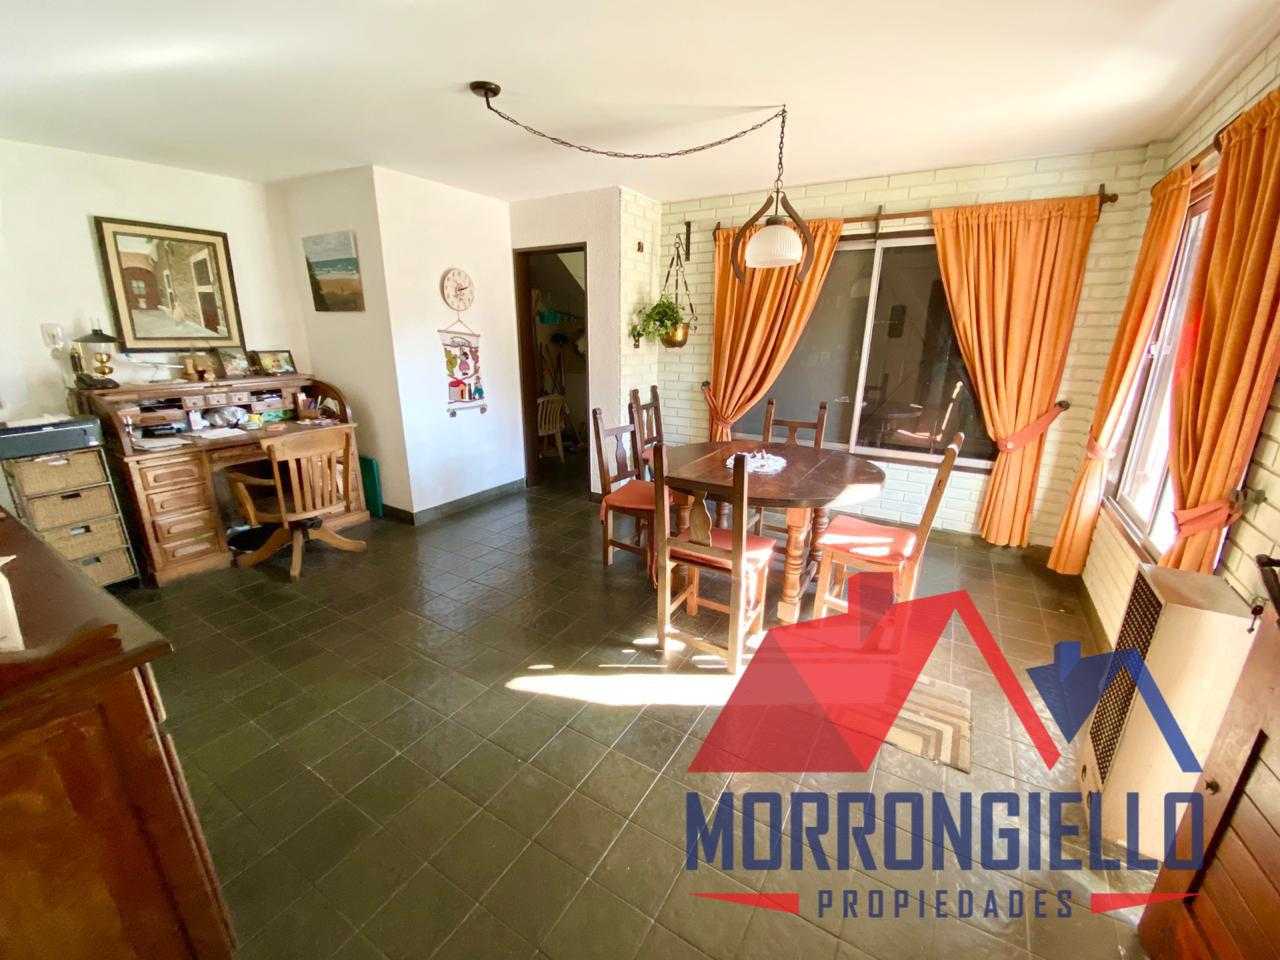 Morrongiello Propiedades - PICHINCHA 1131